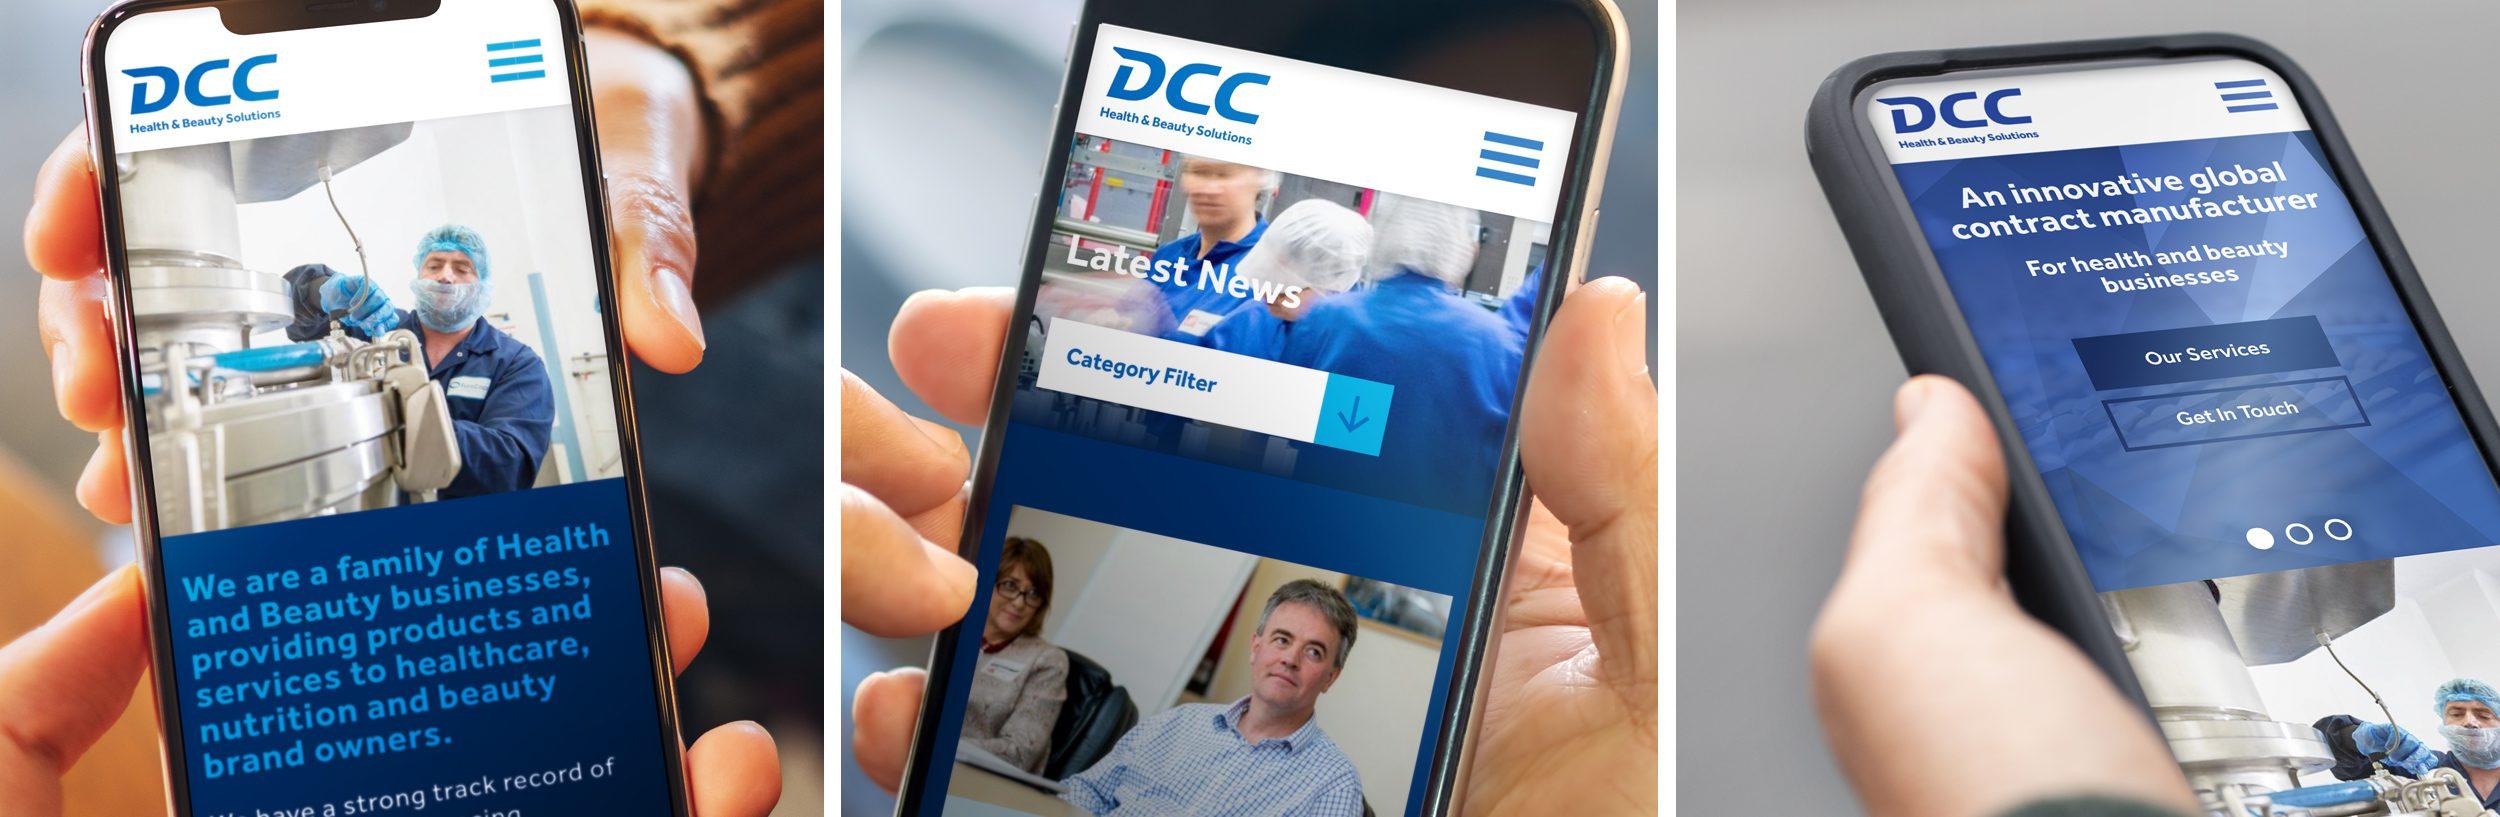 DCC PLC